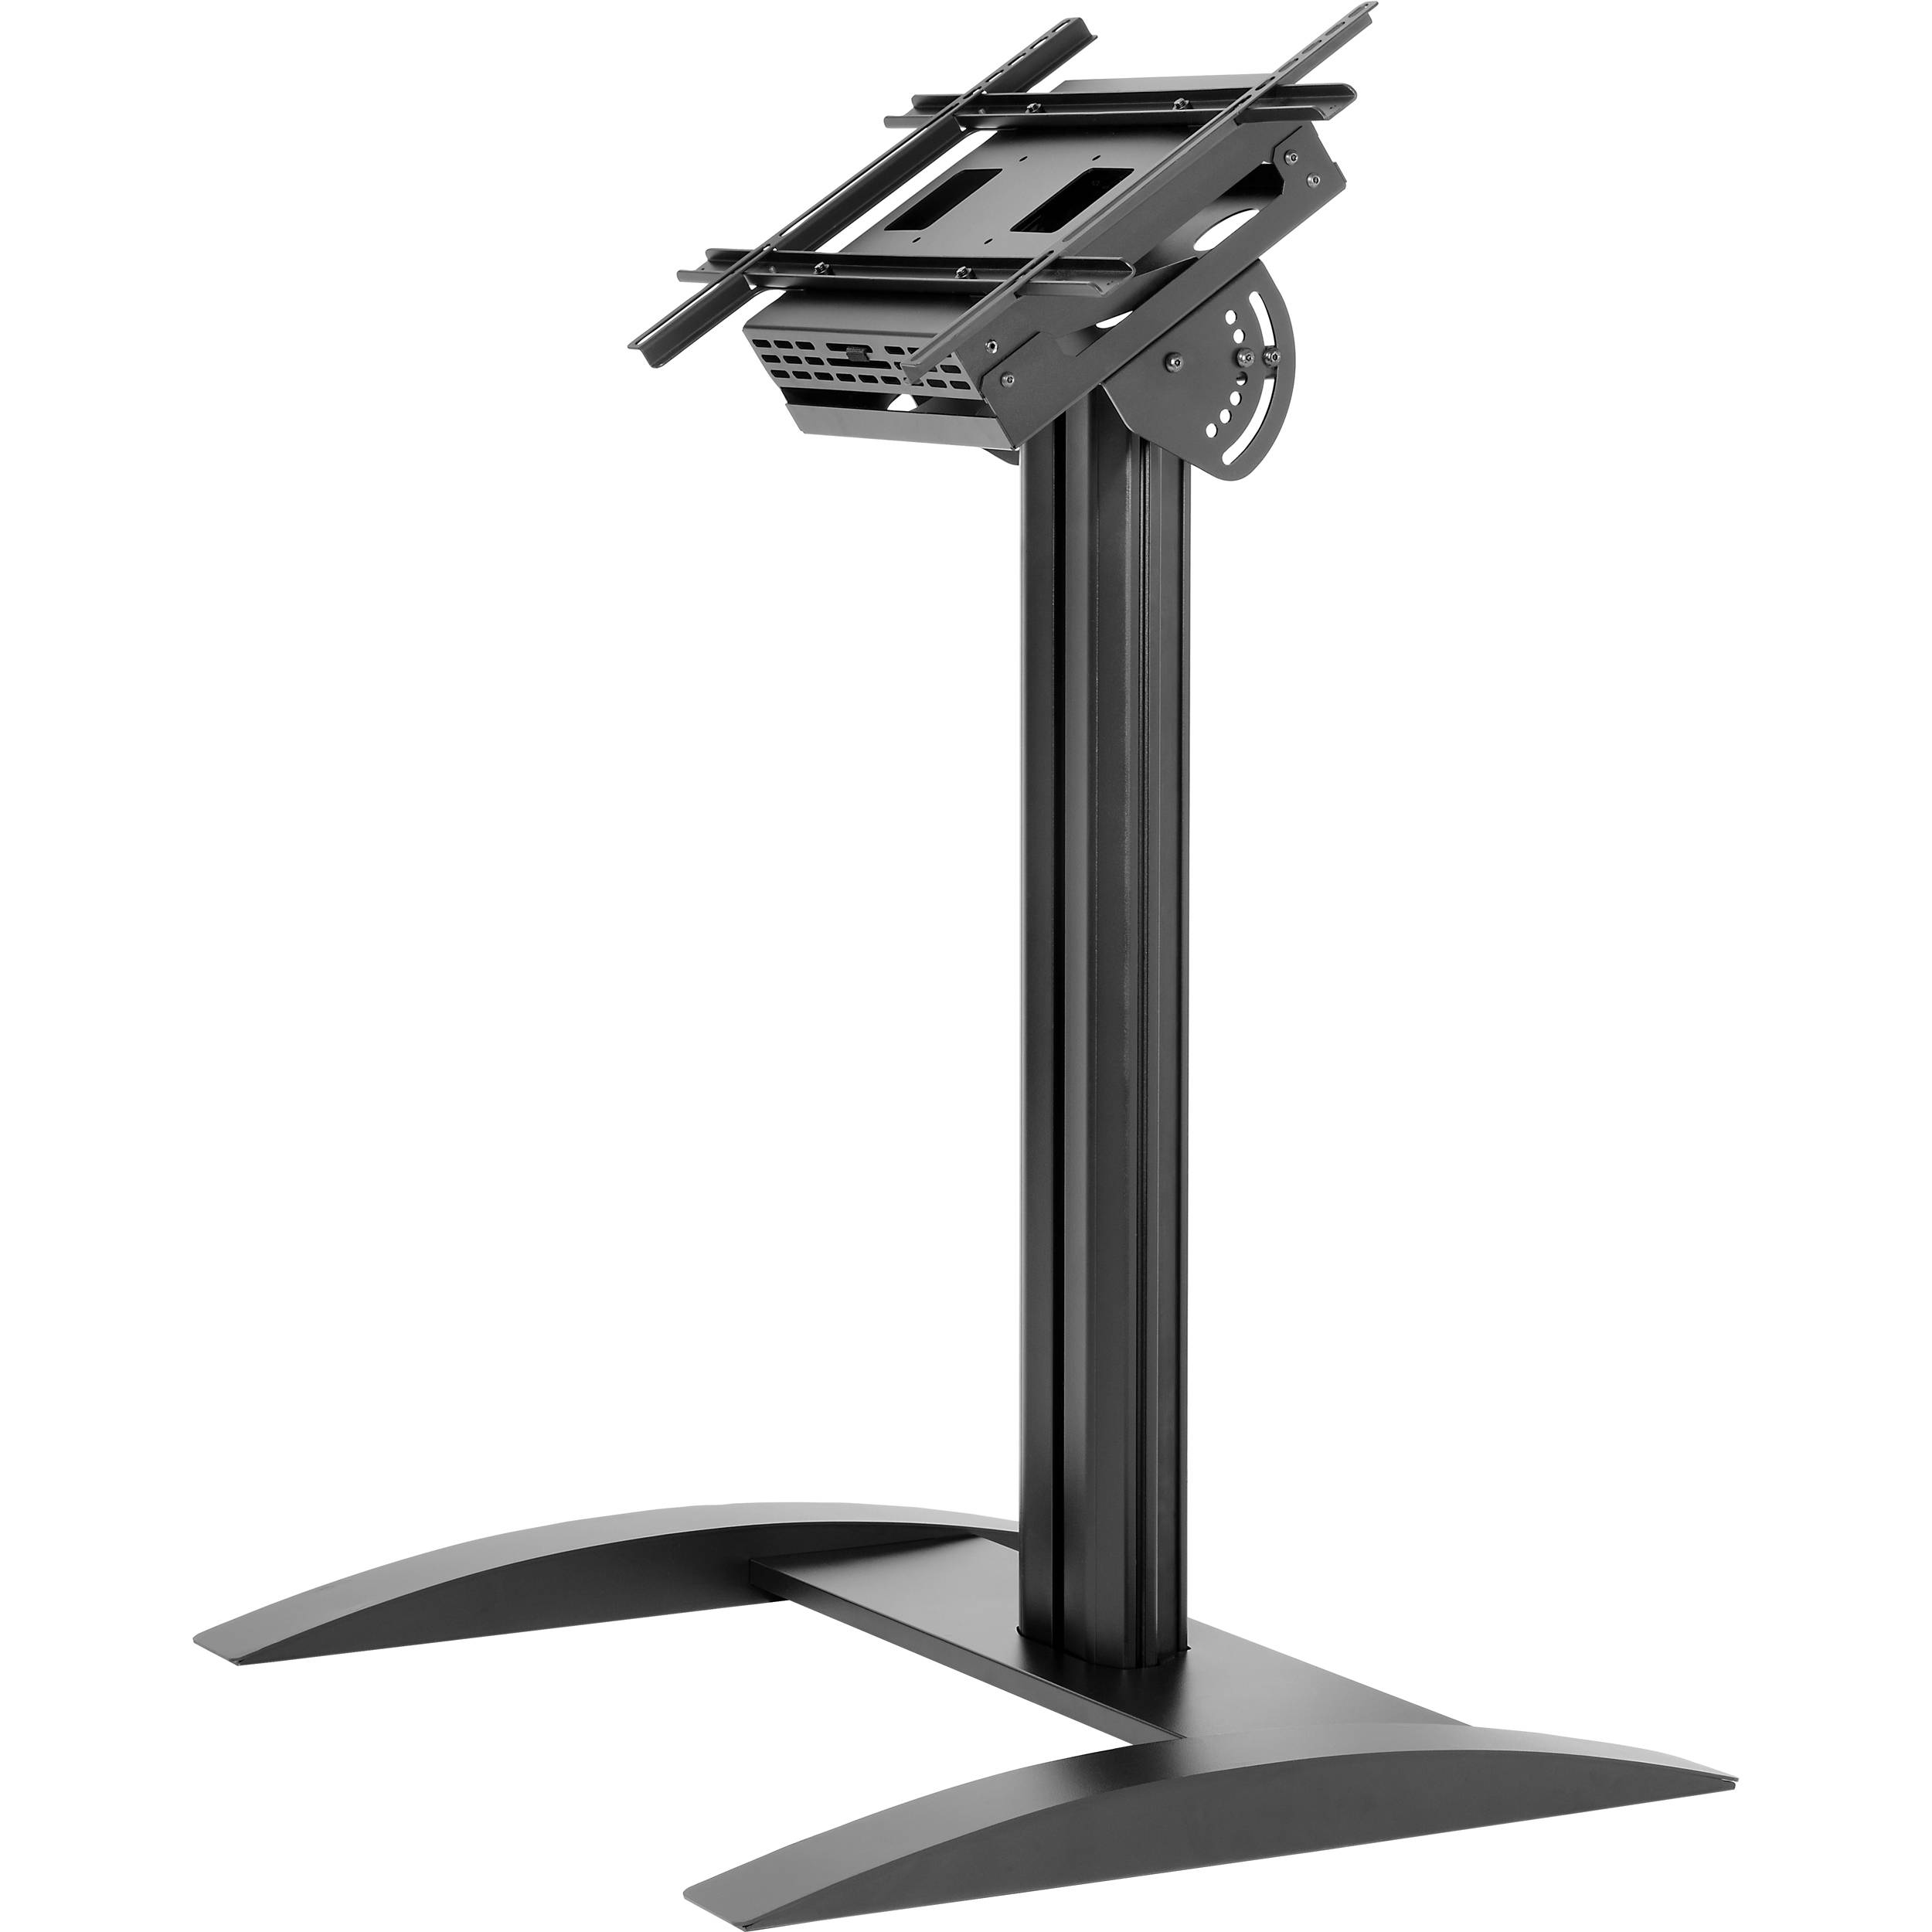 Peerless Av Smartmount Universal Kiosk Stand Black